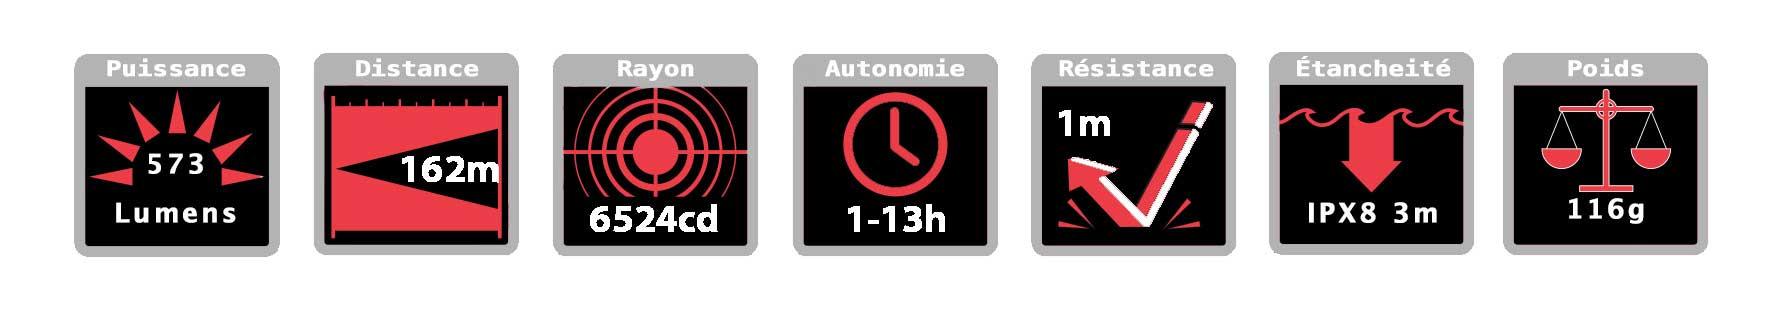 Icones caractéristiques FL1 standard lampe torche étanche Exposure Marine X2